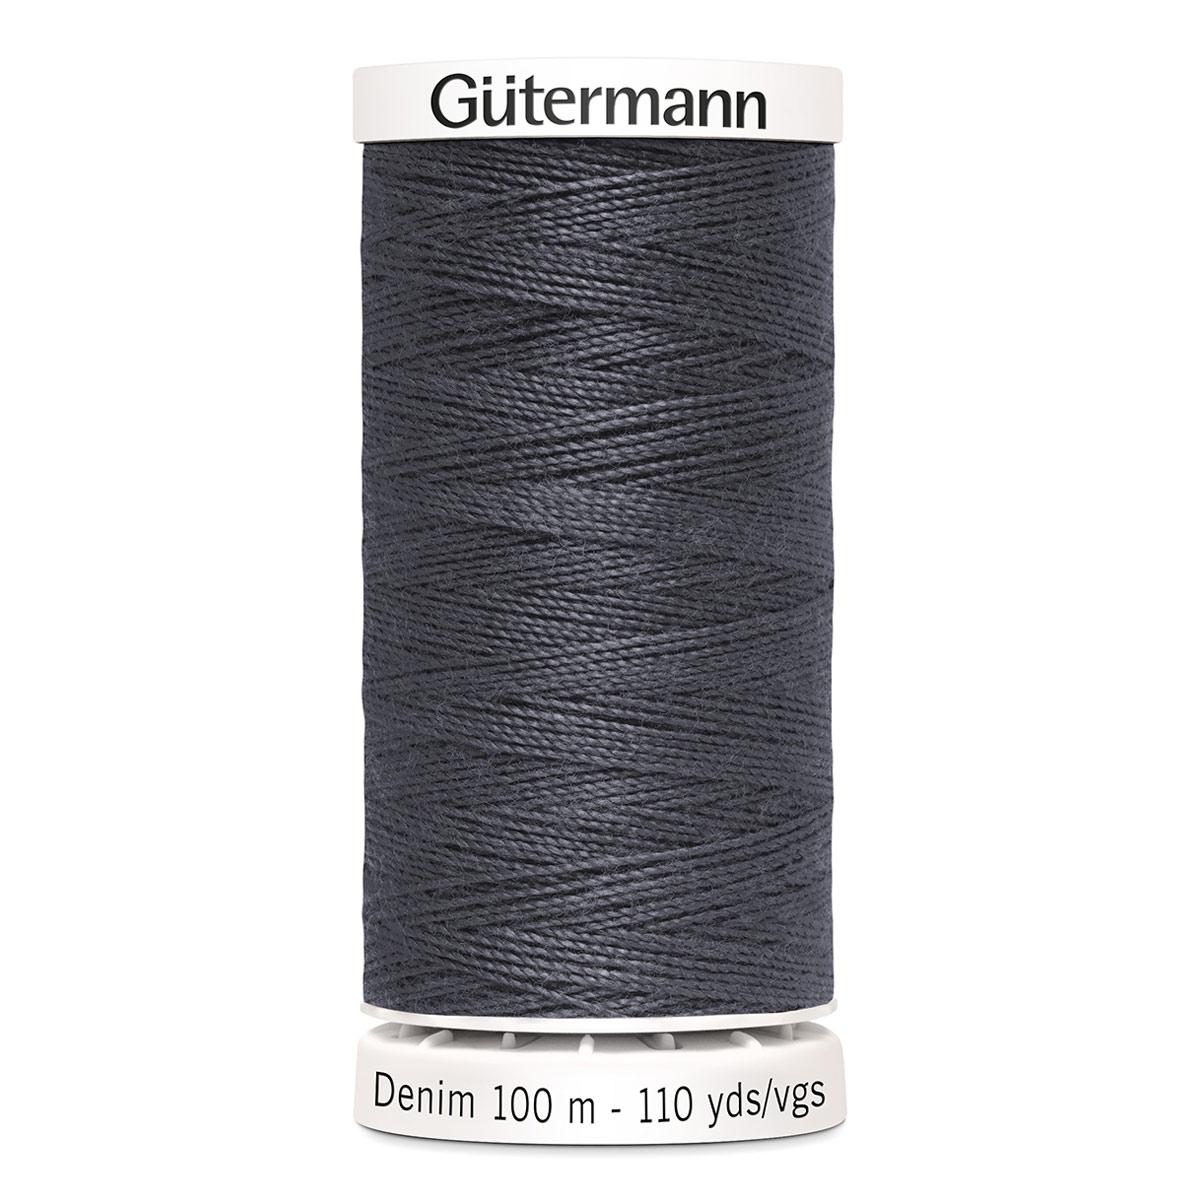 11 Нить DENIM 50 для пошива изделий из джинсовой ткани, 100% п/э 100м Гутерманн 700160 (9455) фото